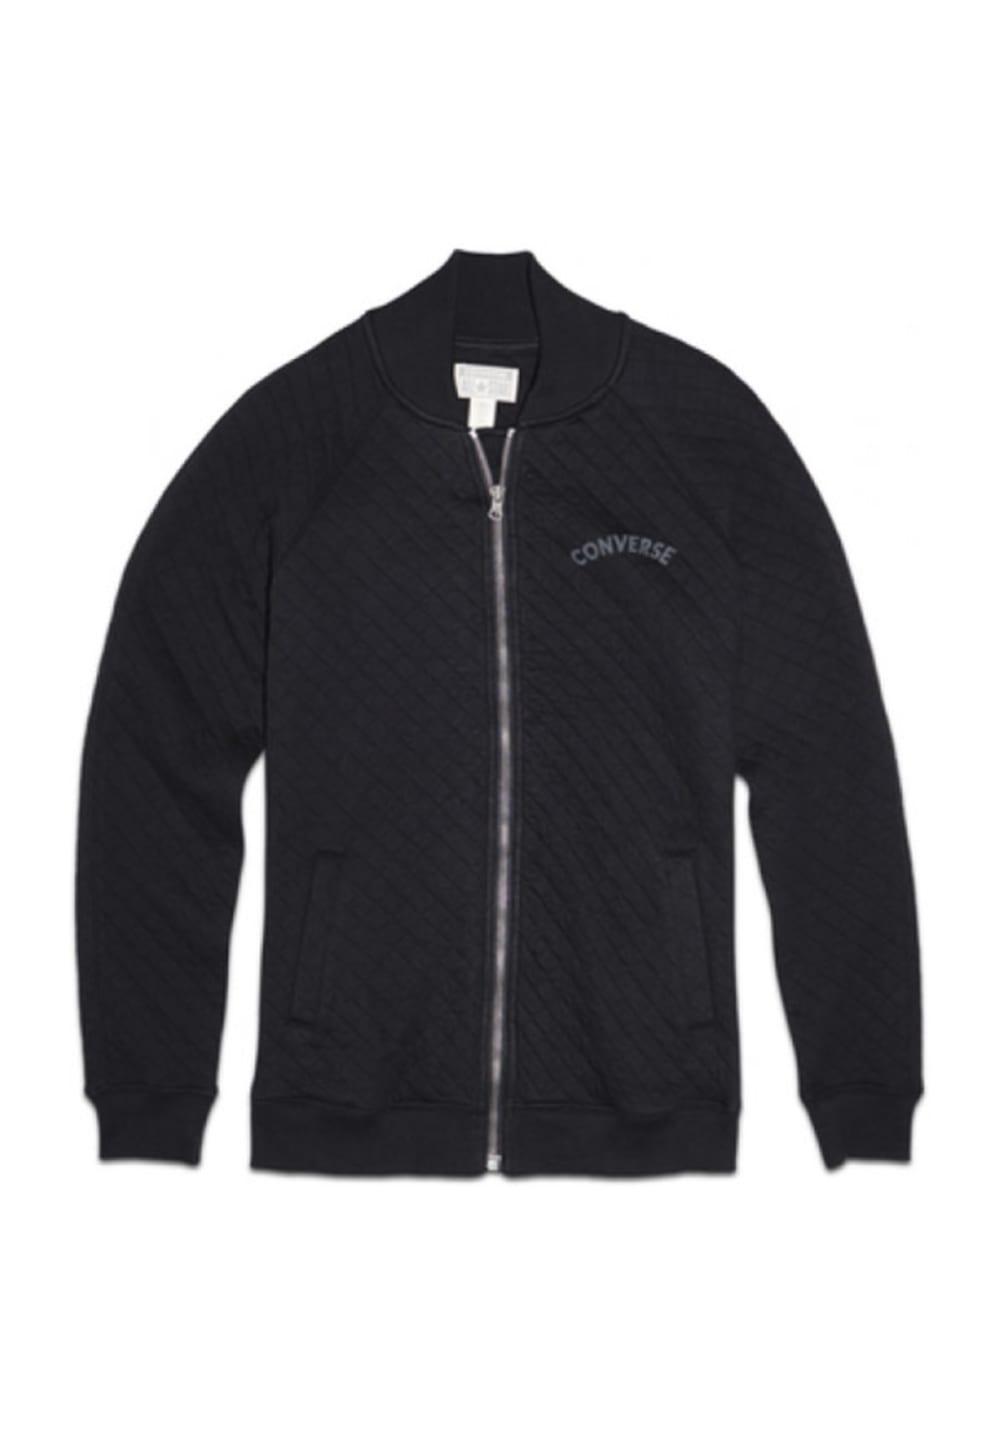 Converse Core Plus Quilted Bomber - Sweatshirts & Hoodies für Damen - Schwarz,